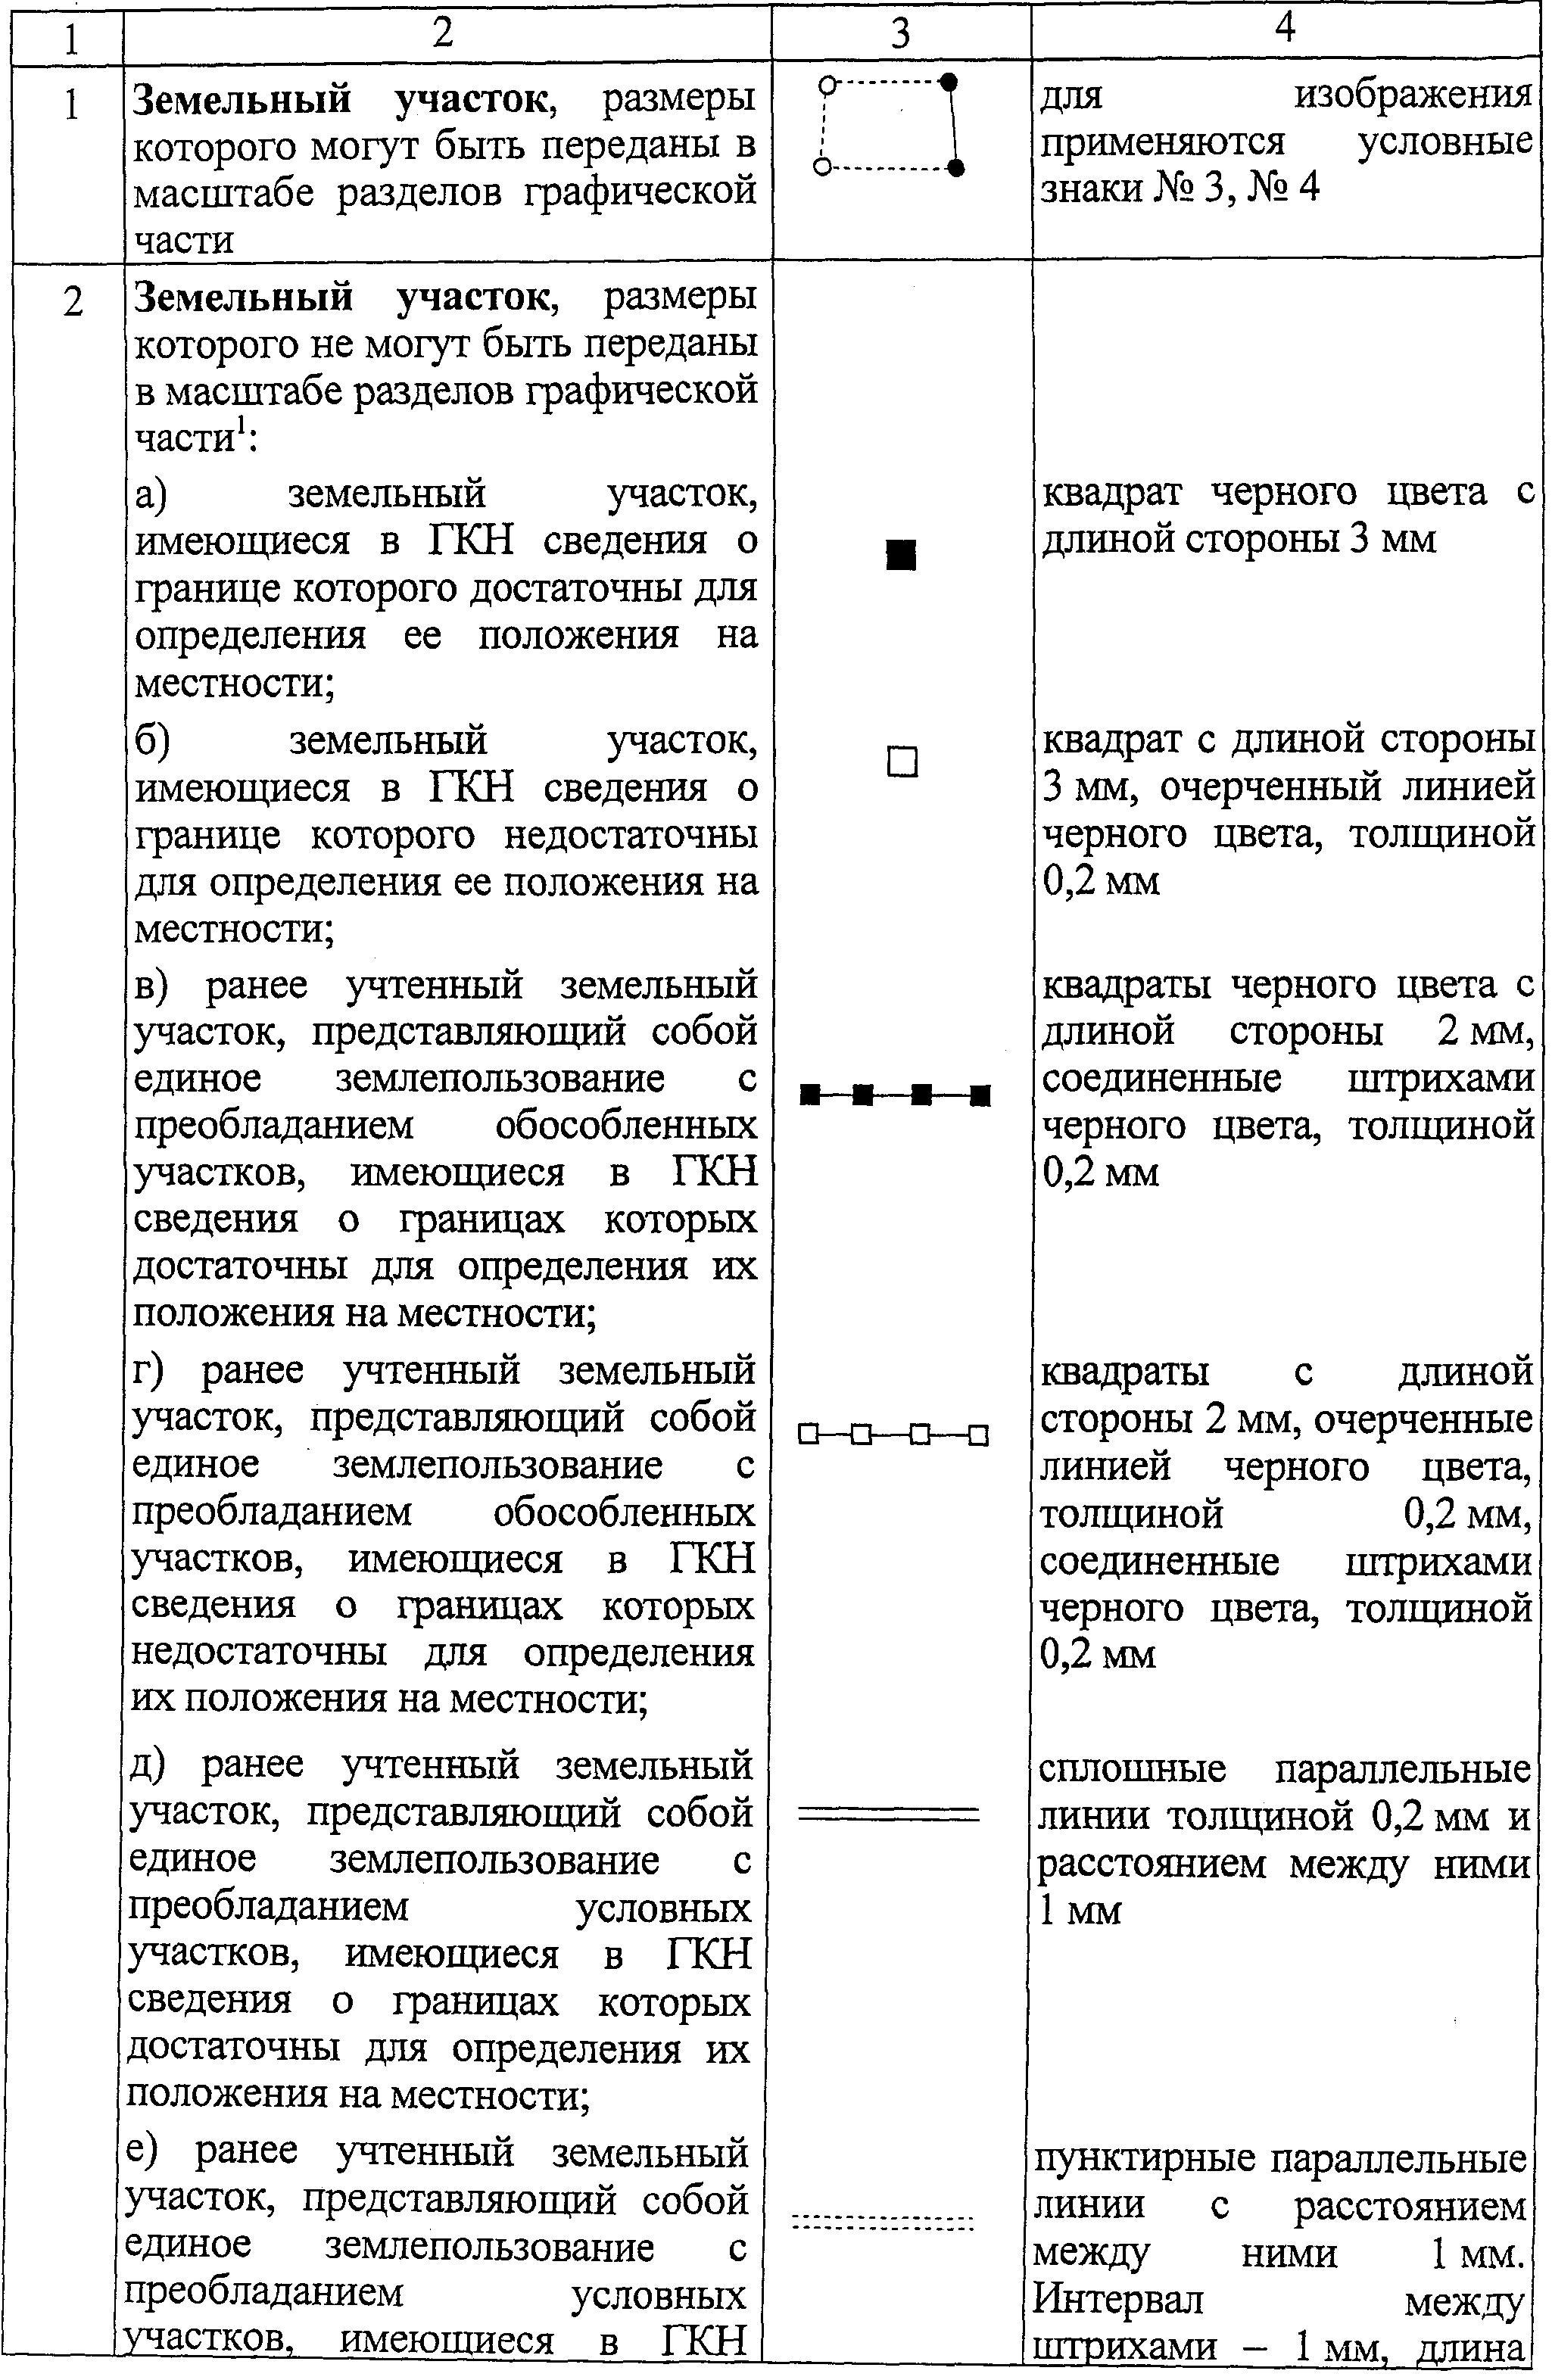 СПЕЦИАЛЬНЫЕ УСЛОВНЫЕ ЗНАКИ (ПРОДОЛЖЕНИЕ 1)